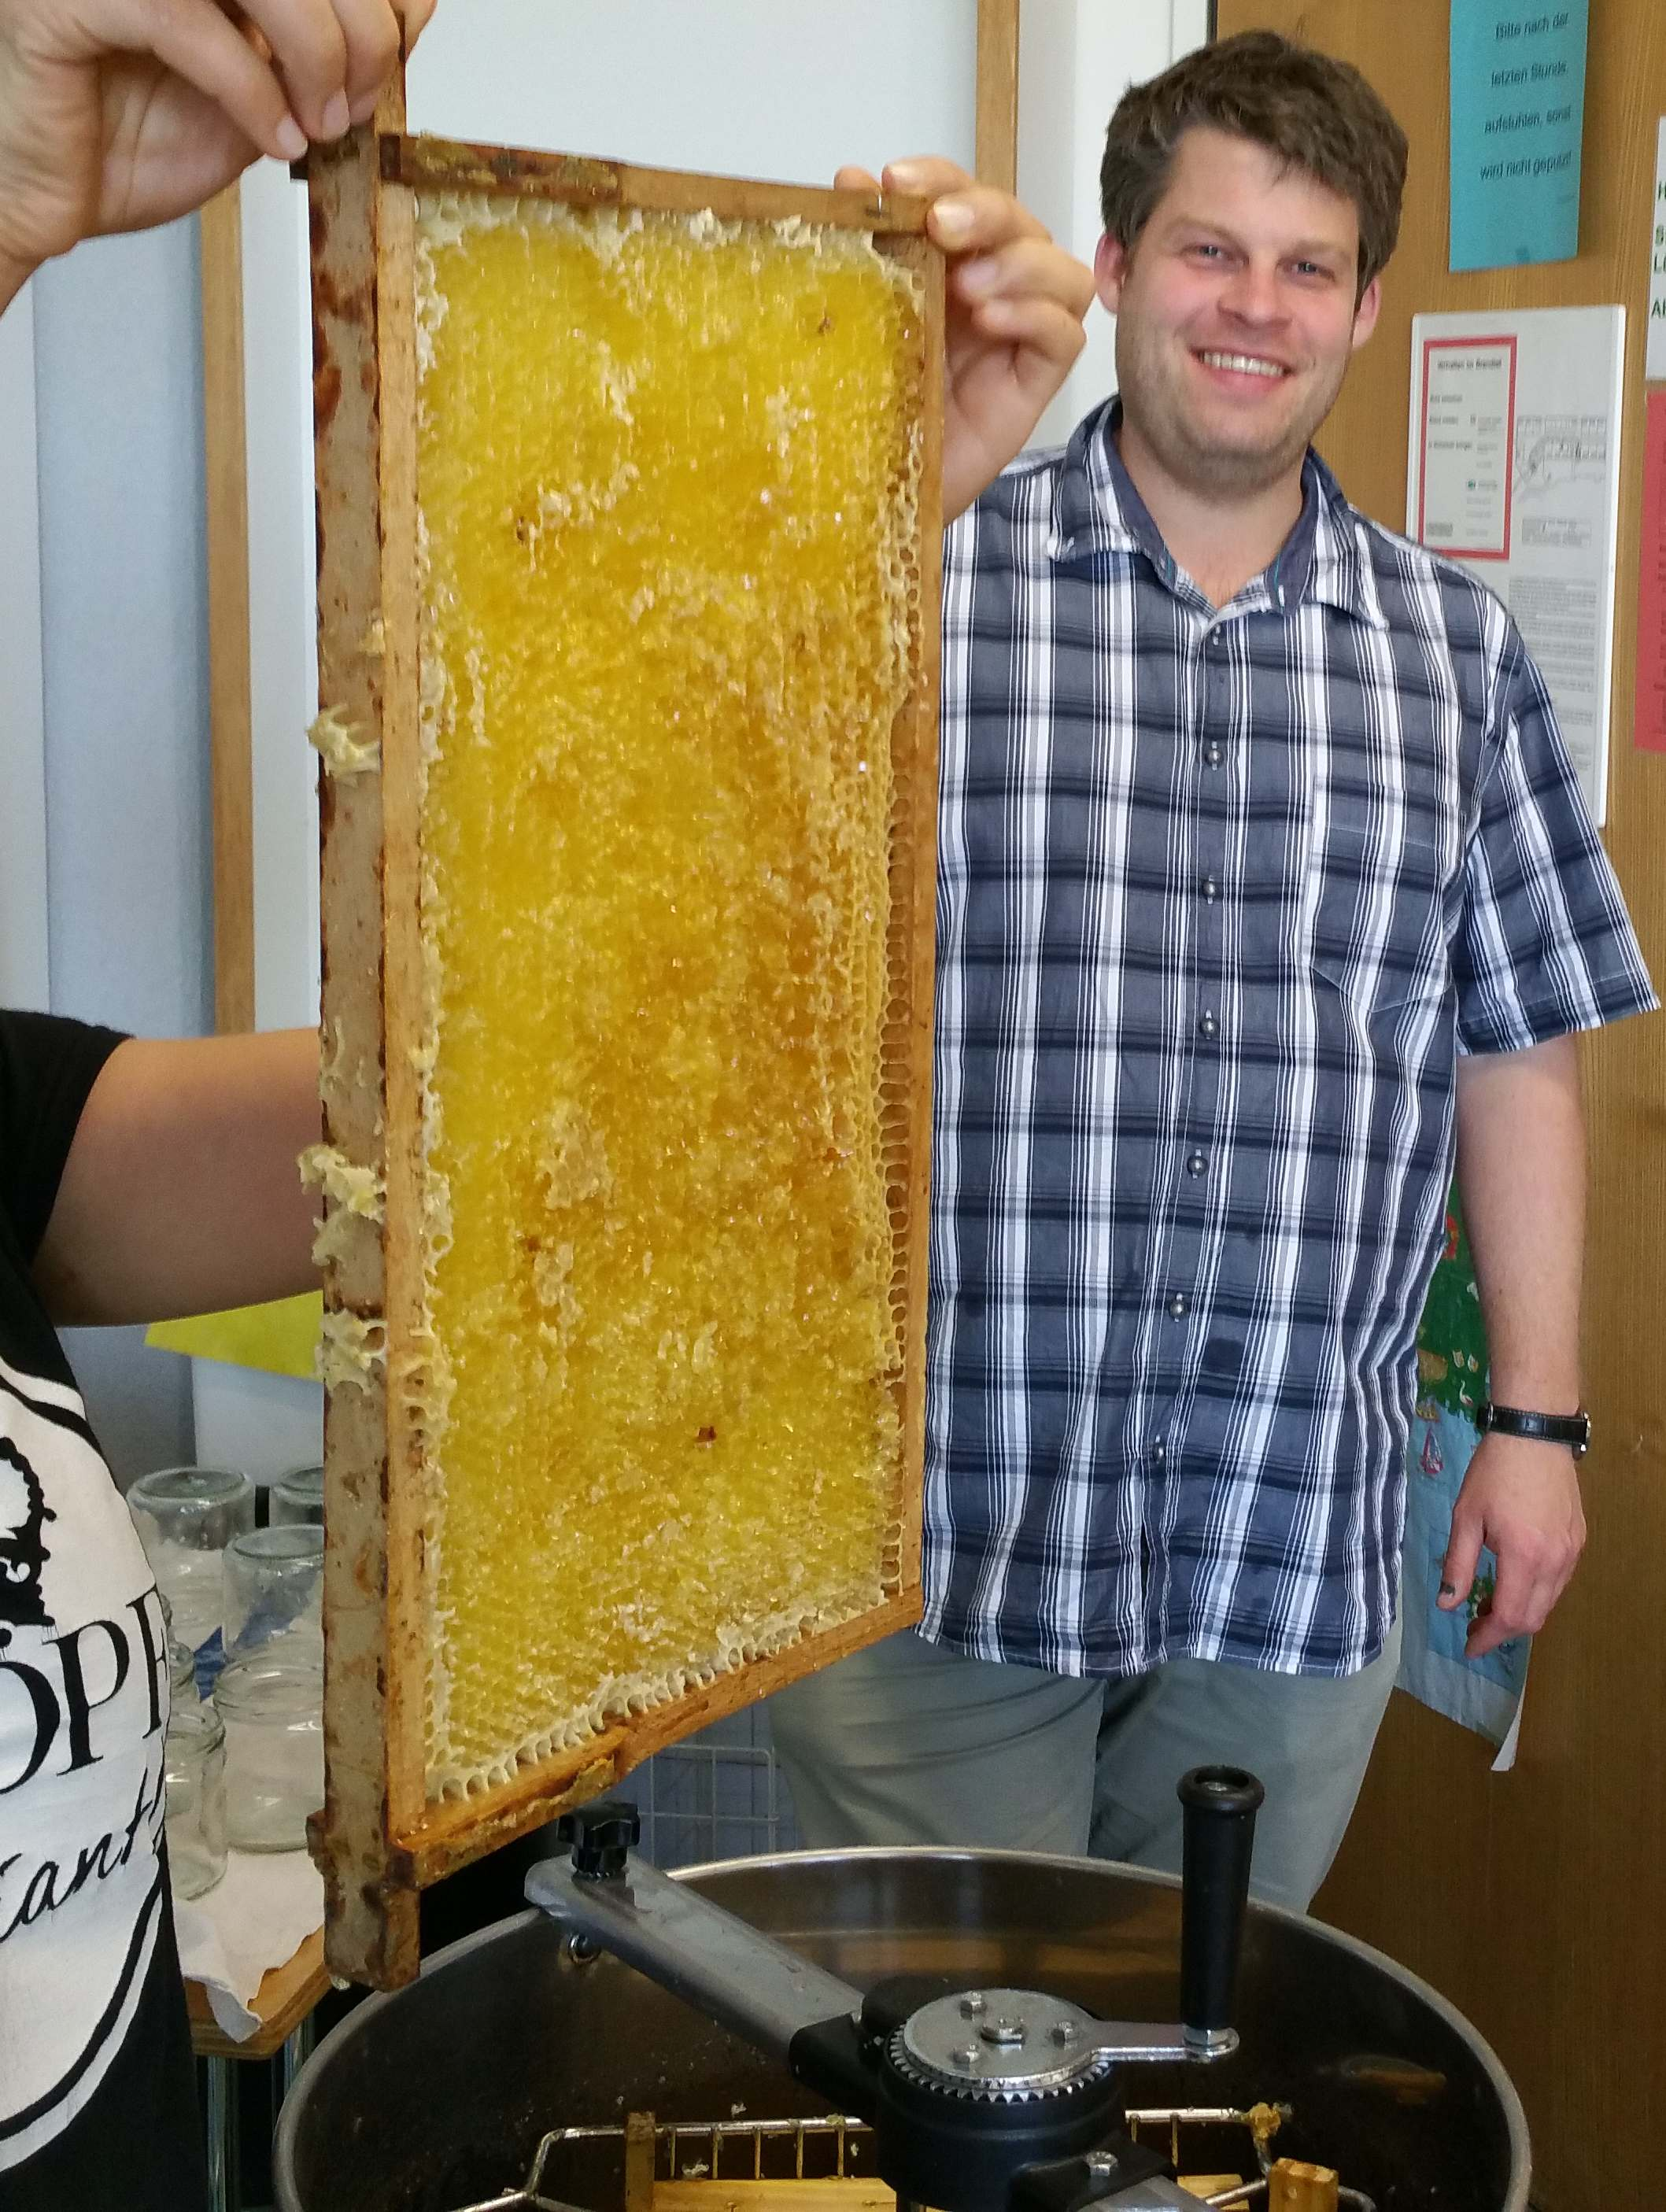 Der neue Honig ist da! Der MüKo – Imker berichtet: